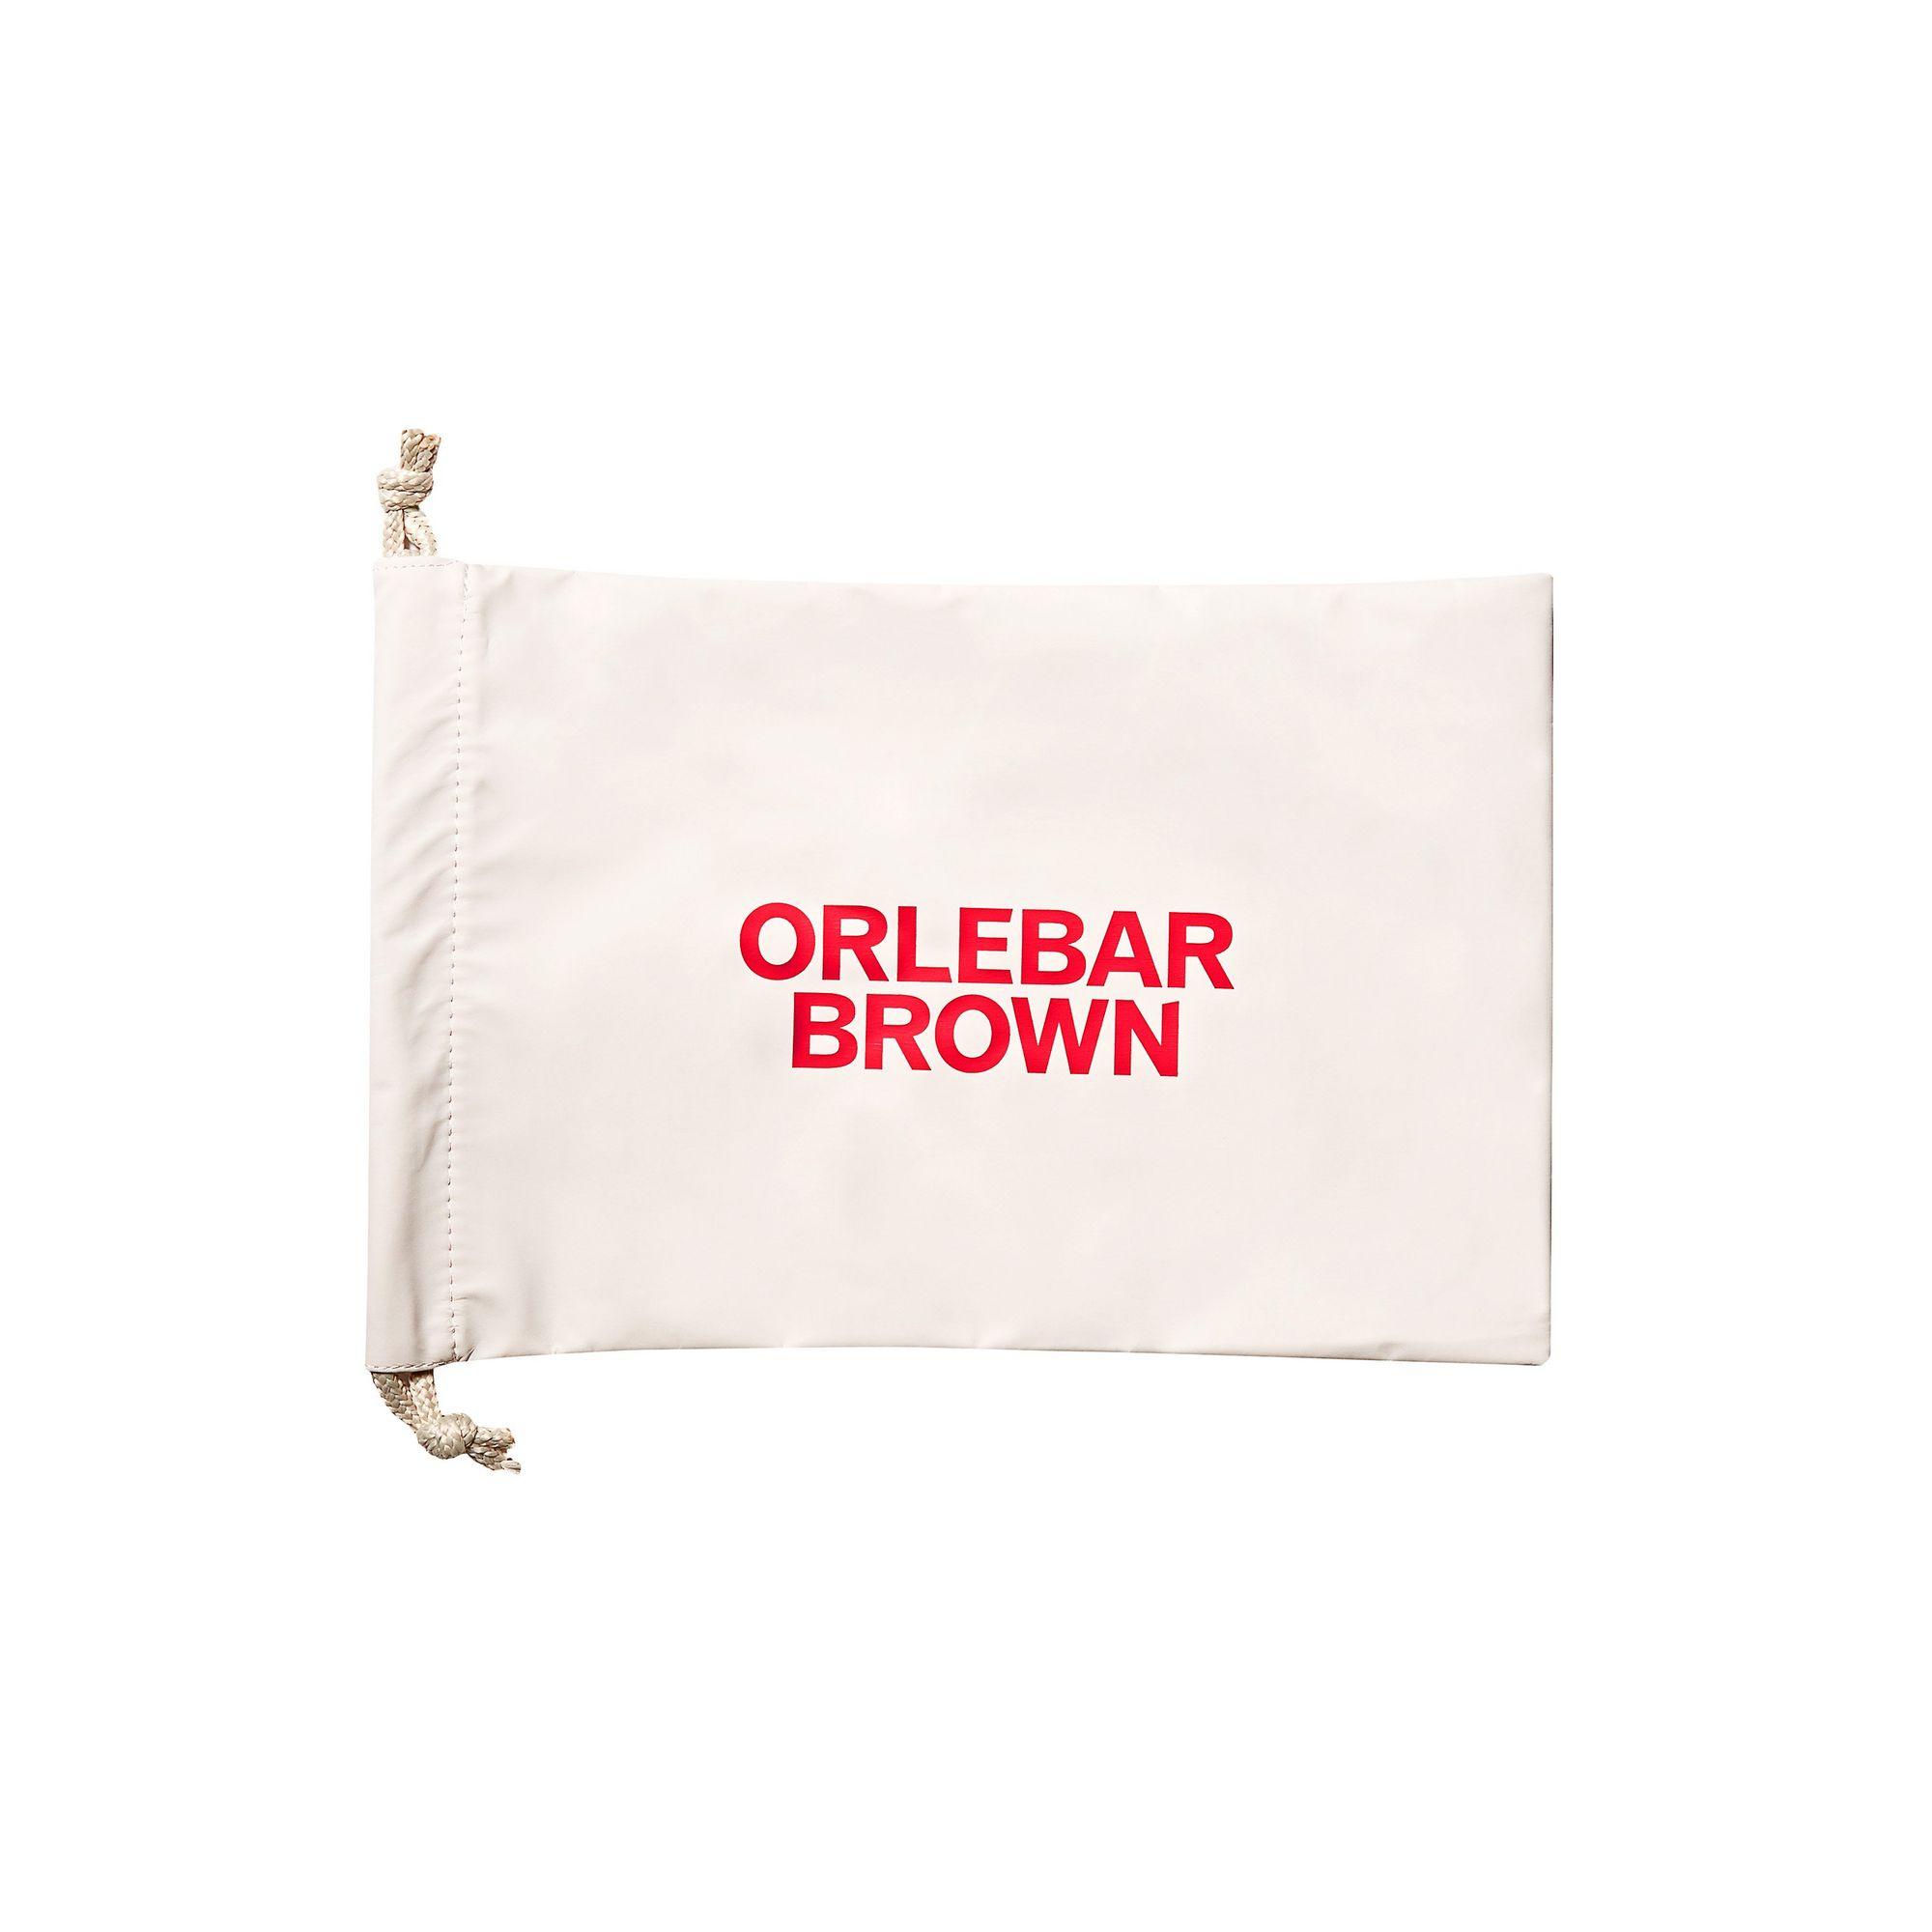 Orlebar Brown Springer